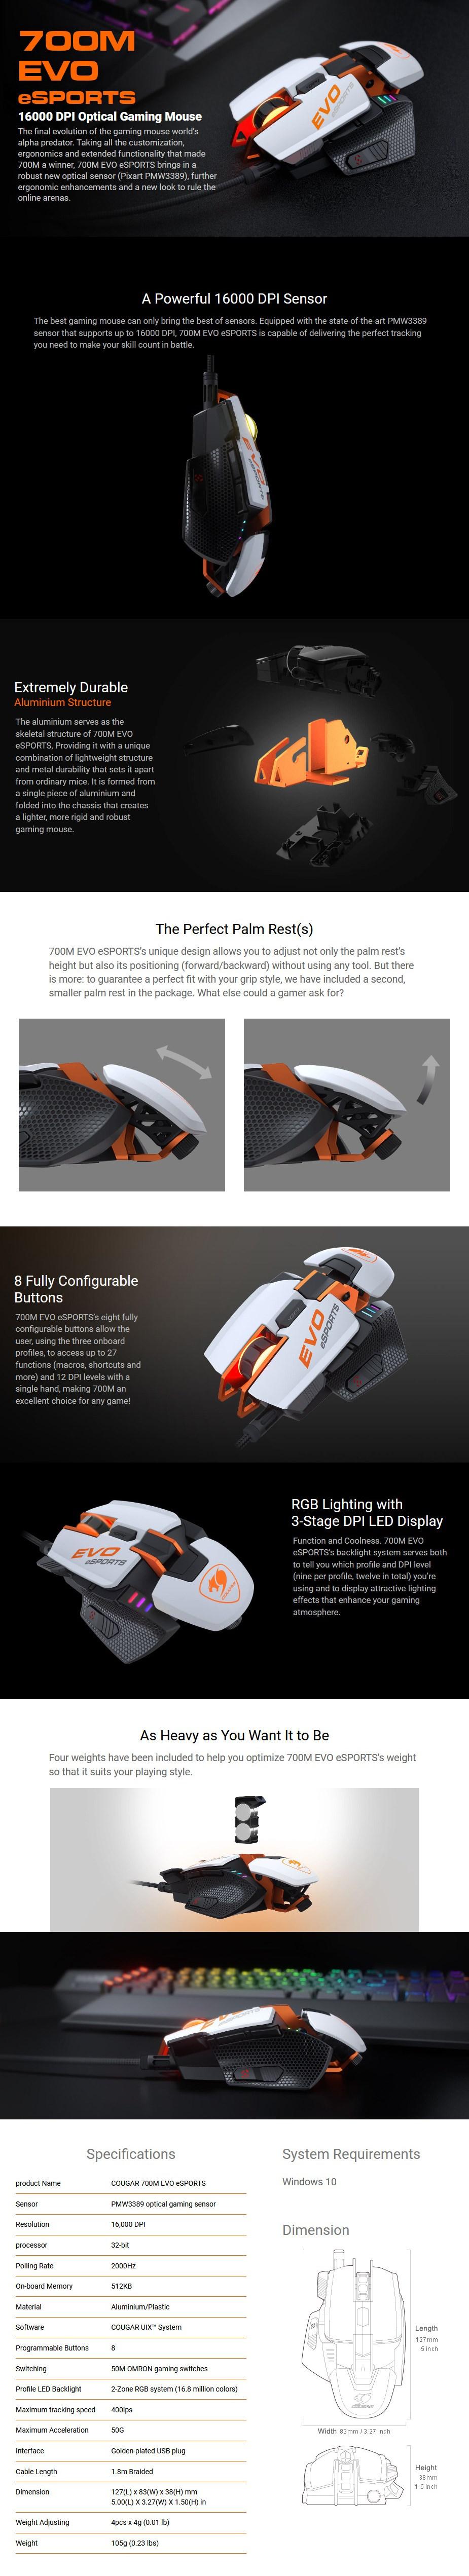 cougar-700m-evo-esports-rgbaf-optical-gaming-mouse-white-ac35982-8.jpg